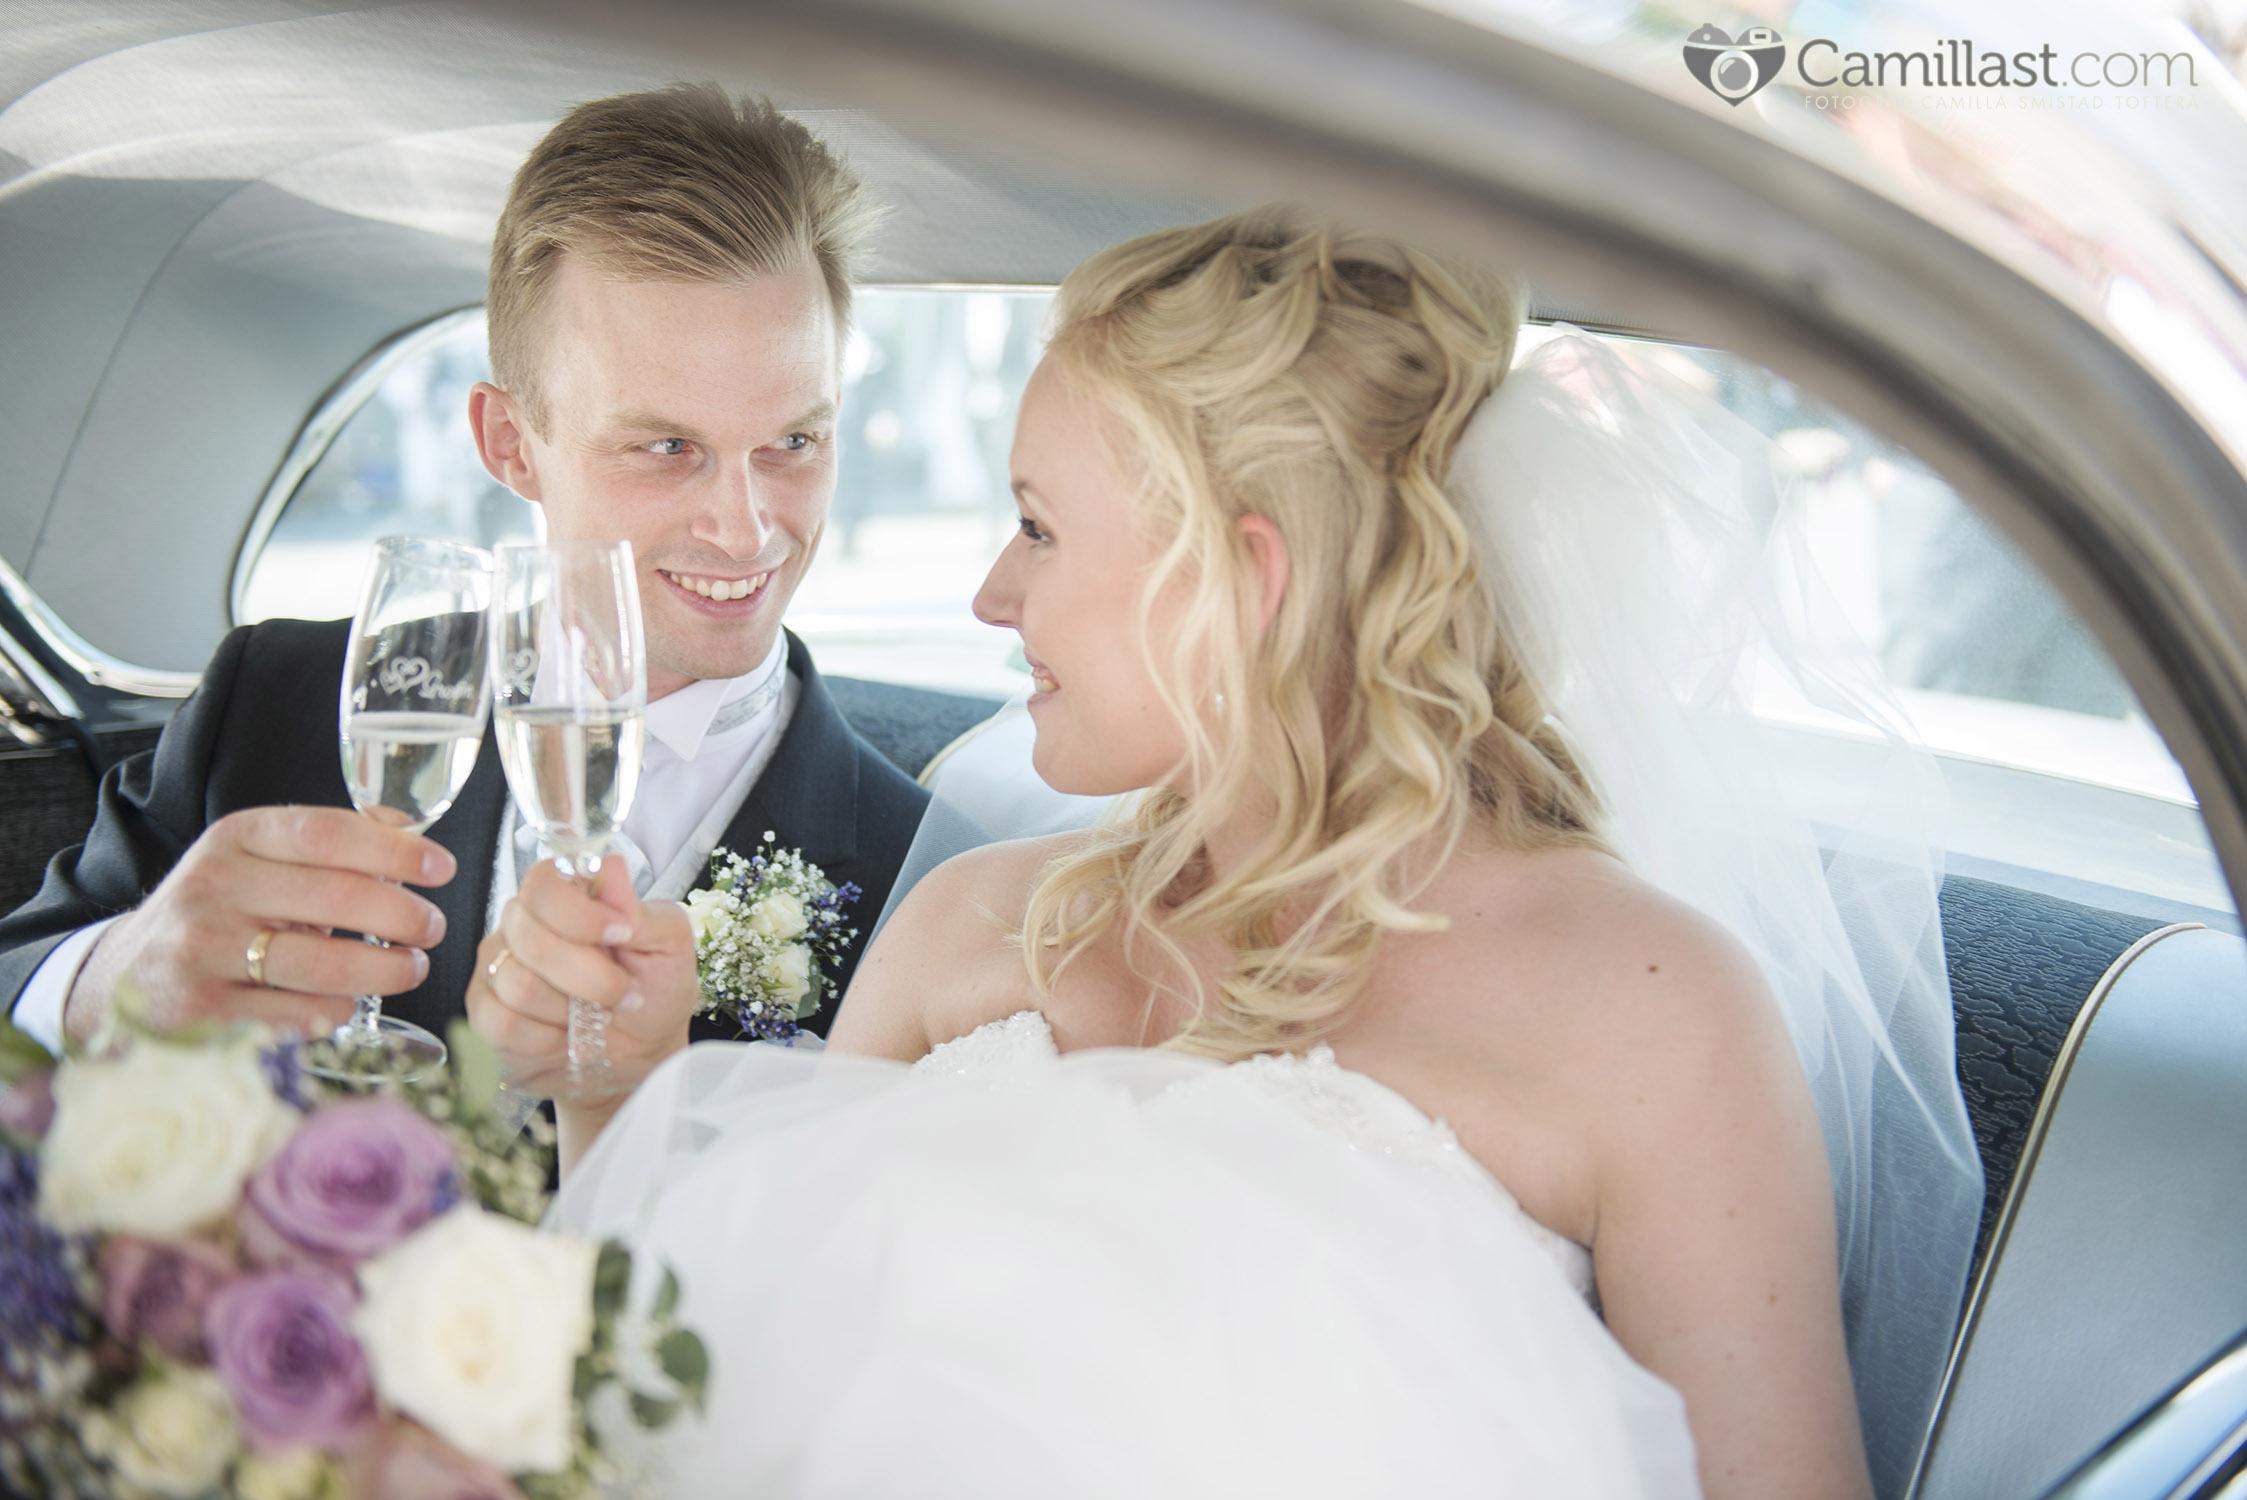 Bryllup Camilla Henrik 20150704Fotograf CamillaST173 copy.jpg